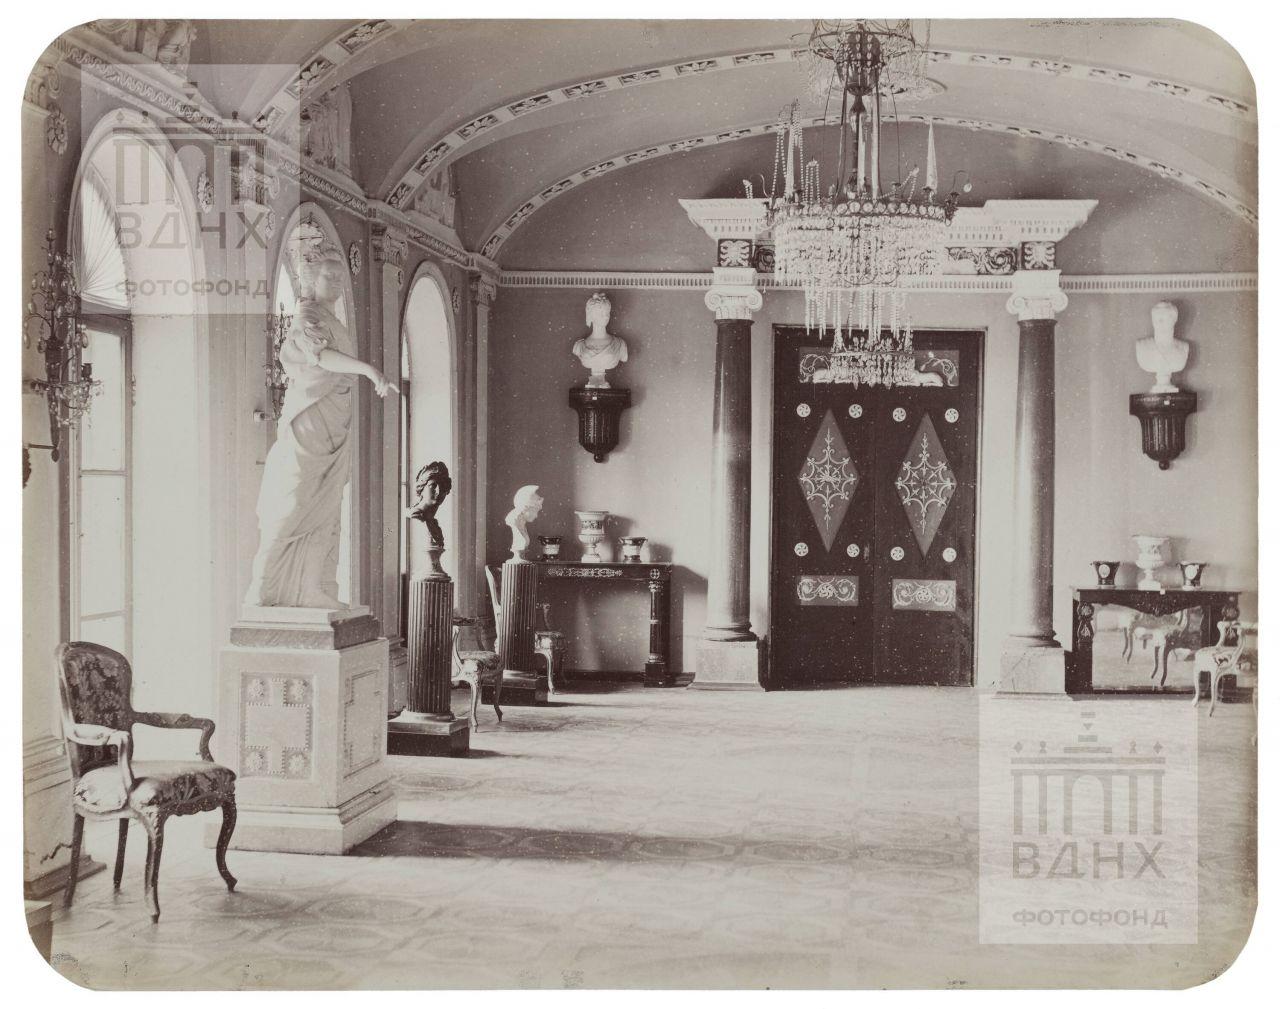 Останкинский дворец. Скульптура Екатерины II в интерьере Проходной к Египетскому павильону. 1868-1870